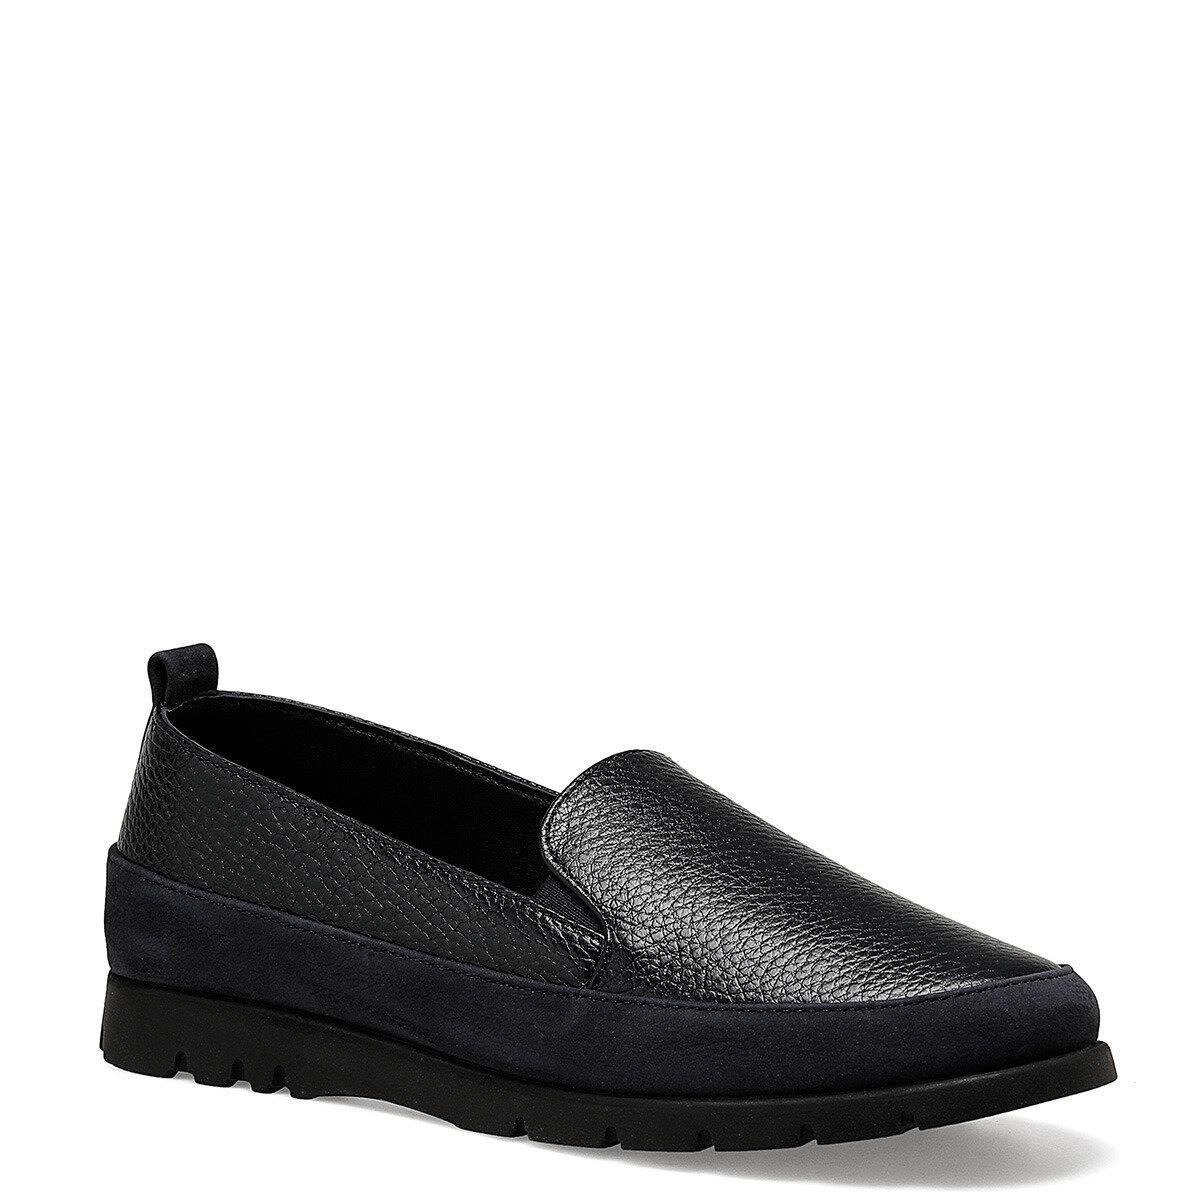 BASI Lacivert Kadın Loafer Ayakkabı